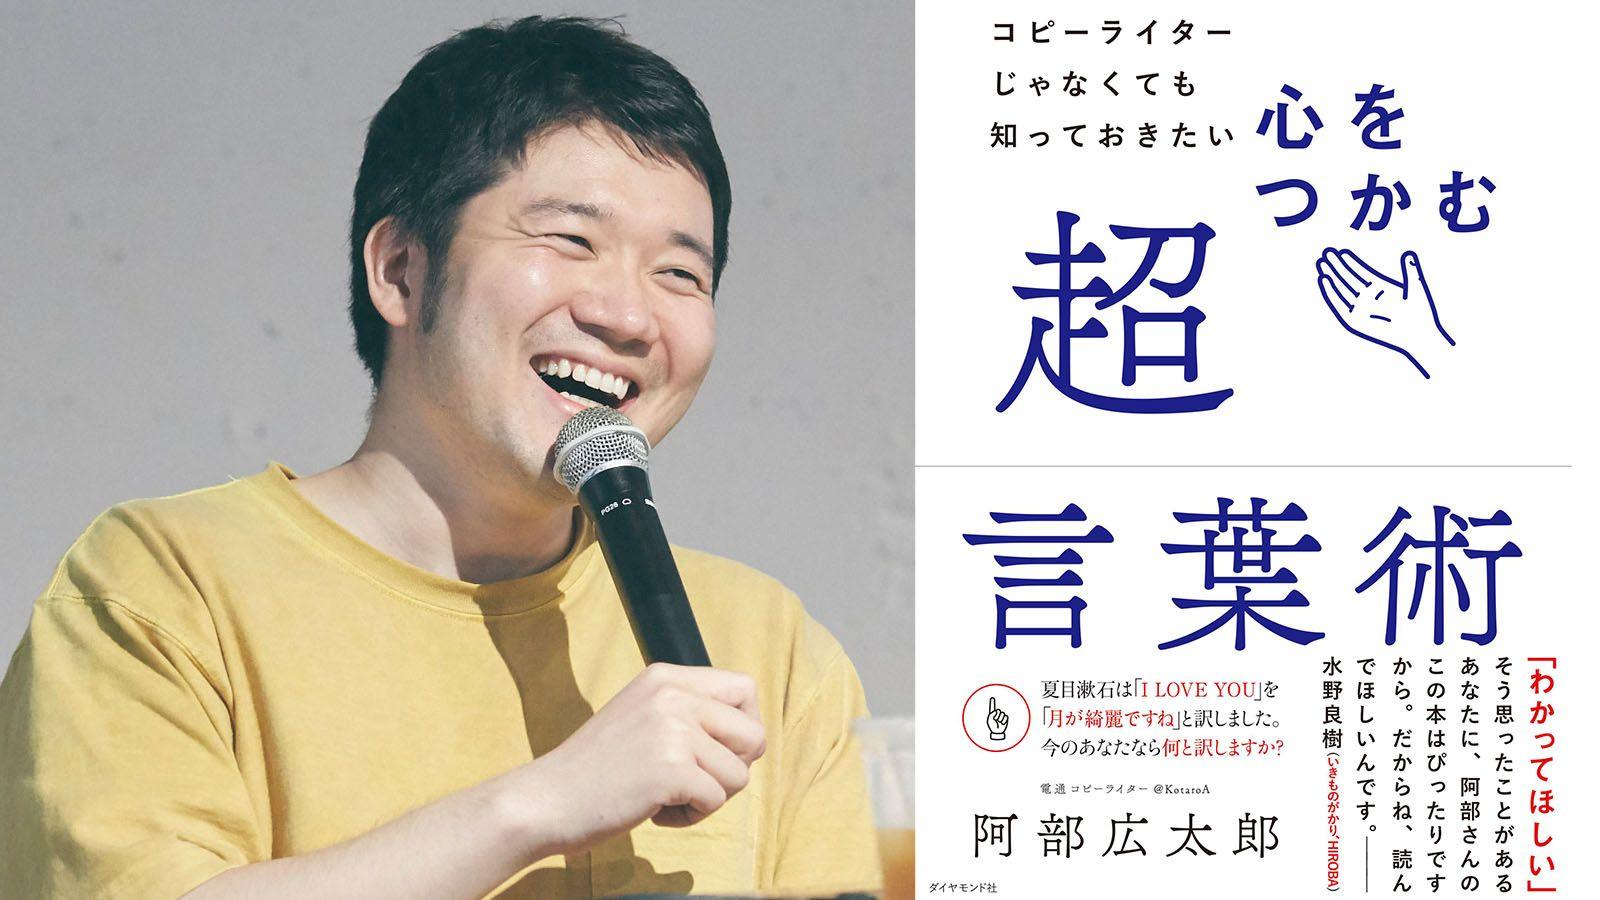 「はじめに」を全文公開!書籍『コピーライターじゃなくても知っておきたい心をつかむ超言葉術』阿部広太郎